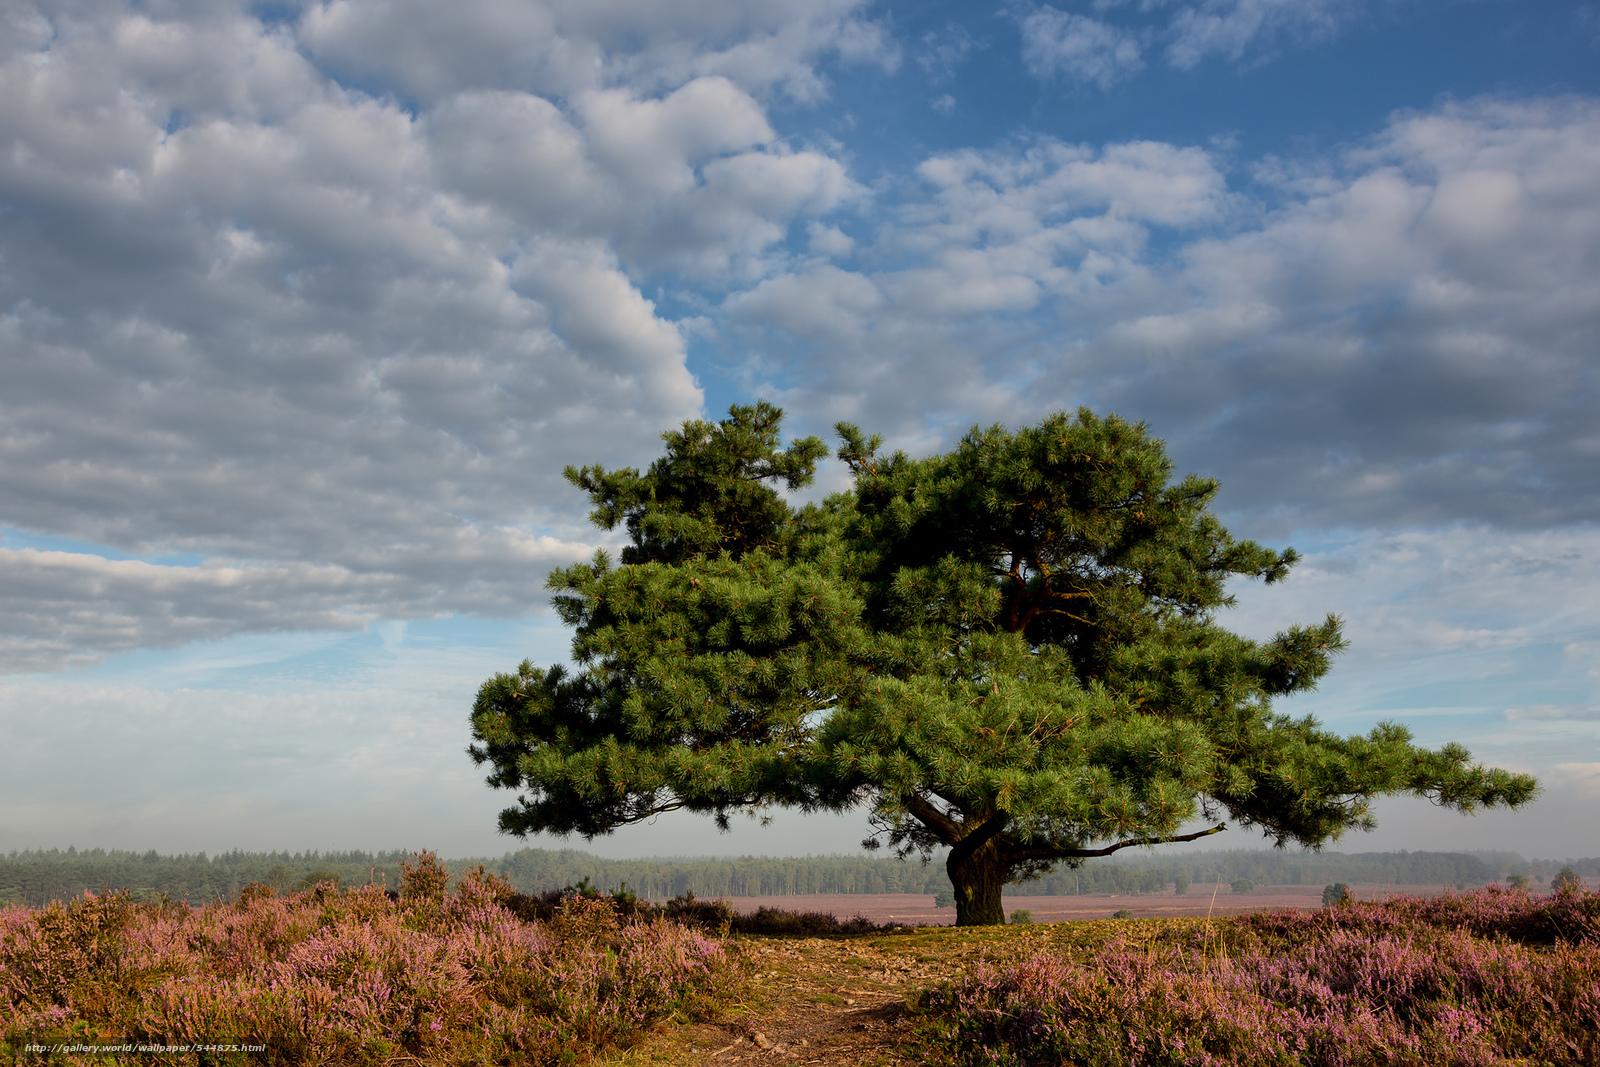 Tlcharger Fond d'ecran Solitaire arbre,  prairie,  Epe,  Pays-Bas Fonds d'ecran gratuits pour votre rsolution du bureau 1920x1280 — image №544875